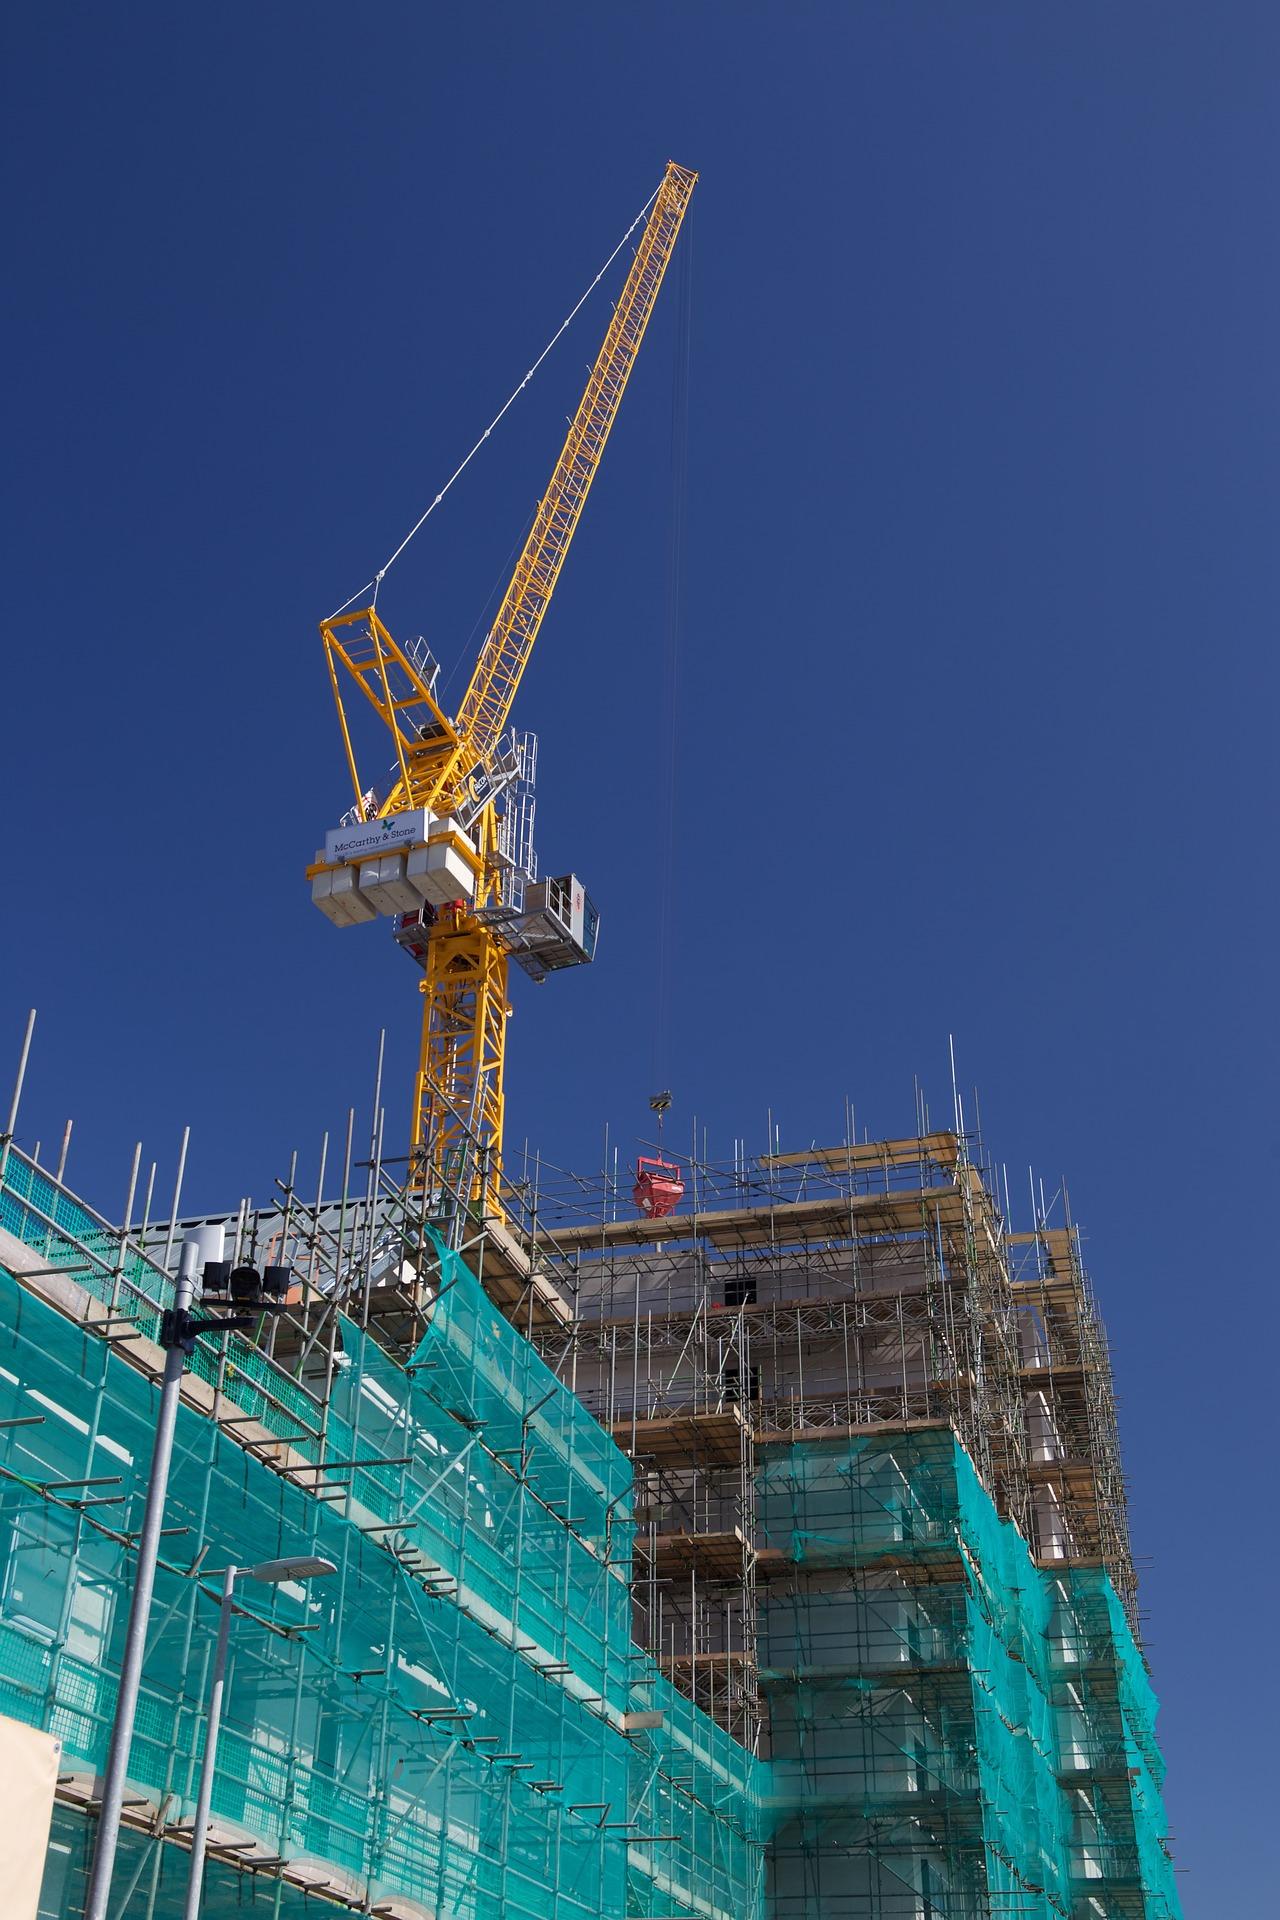 Wie is verantwoordelijk voor de veiligheid op de bouwplaats?